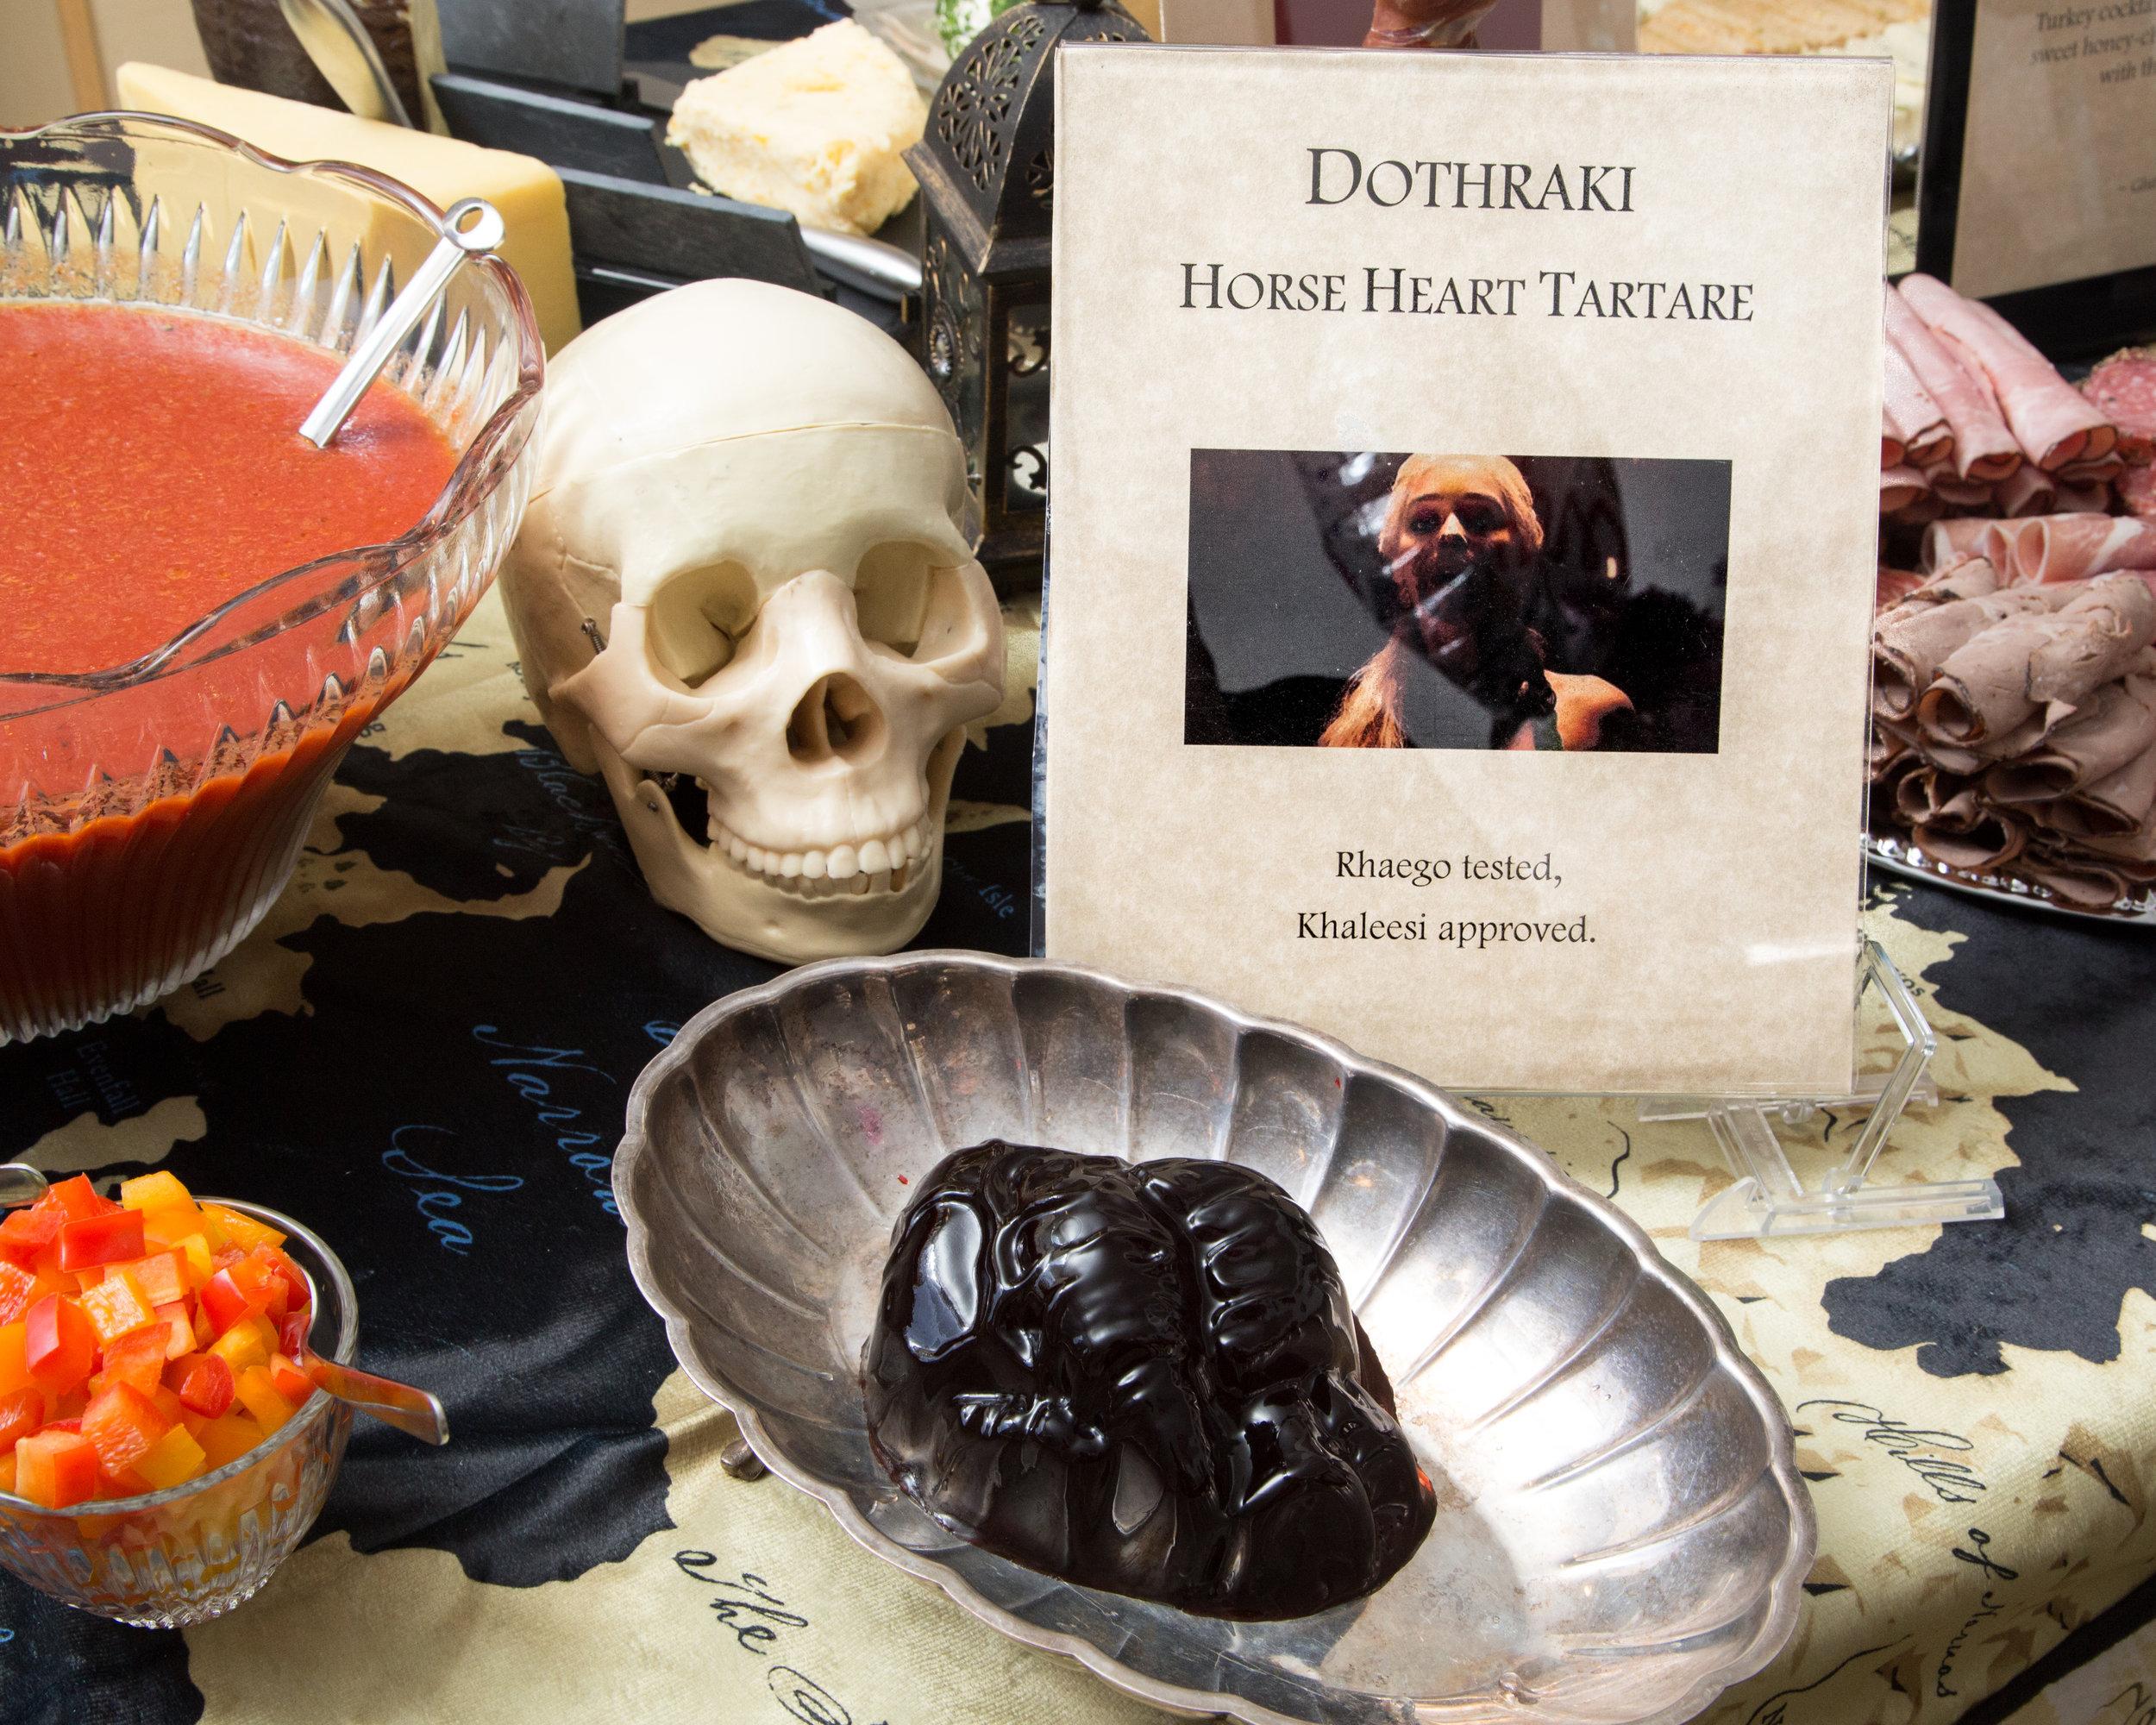 Dothraki Horse Heart Tartare.jpg